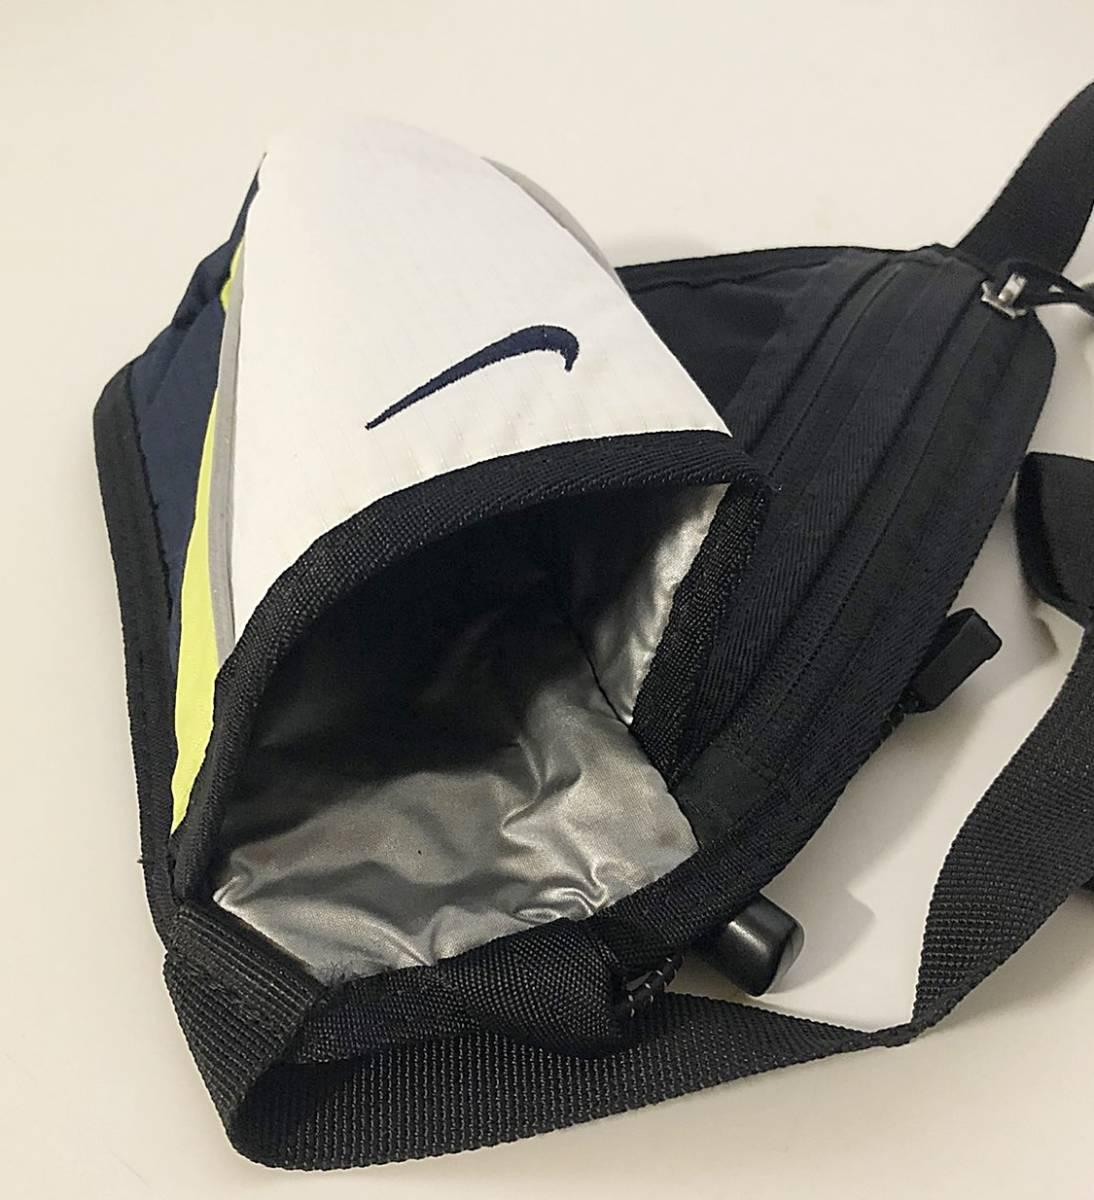 NIKE ナイキ ランニングポーチウエストポーチ ペットボトルポケット付き ブラック